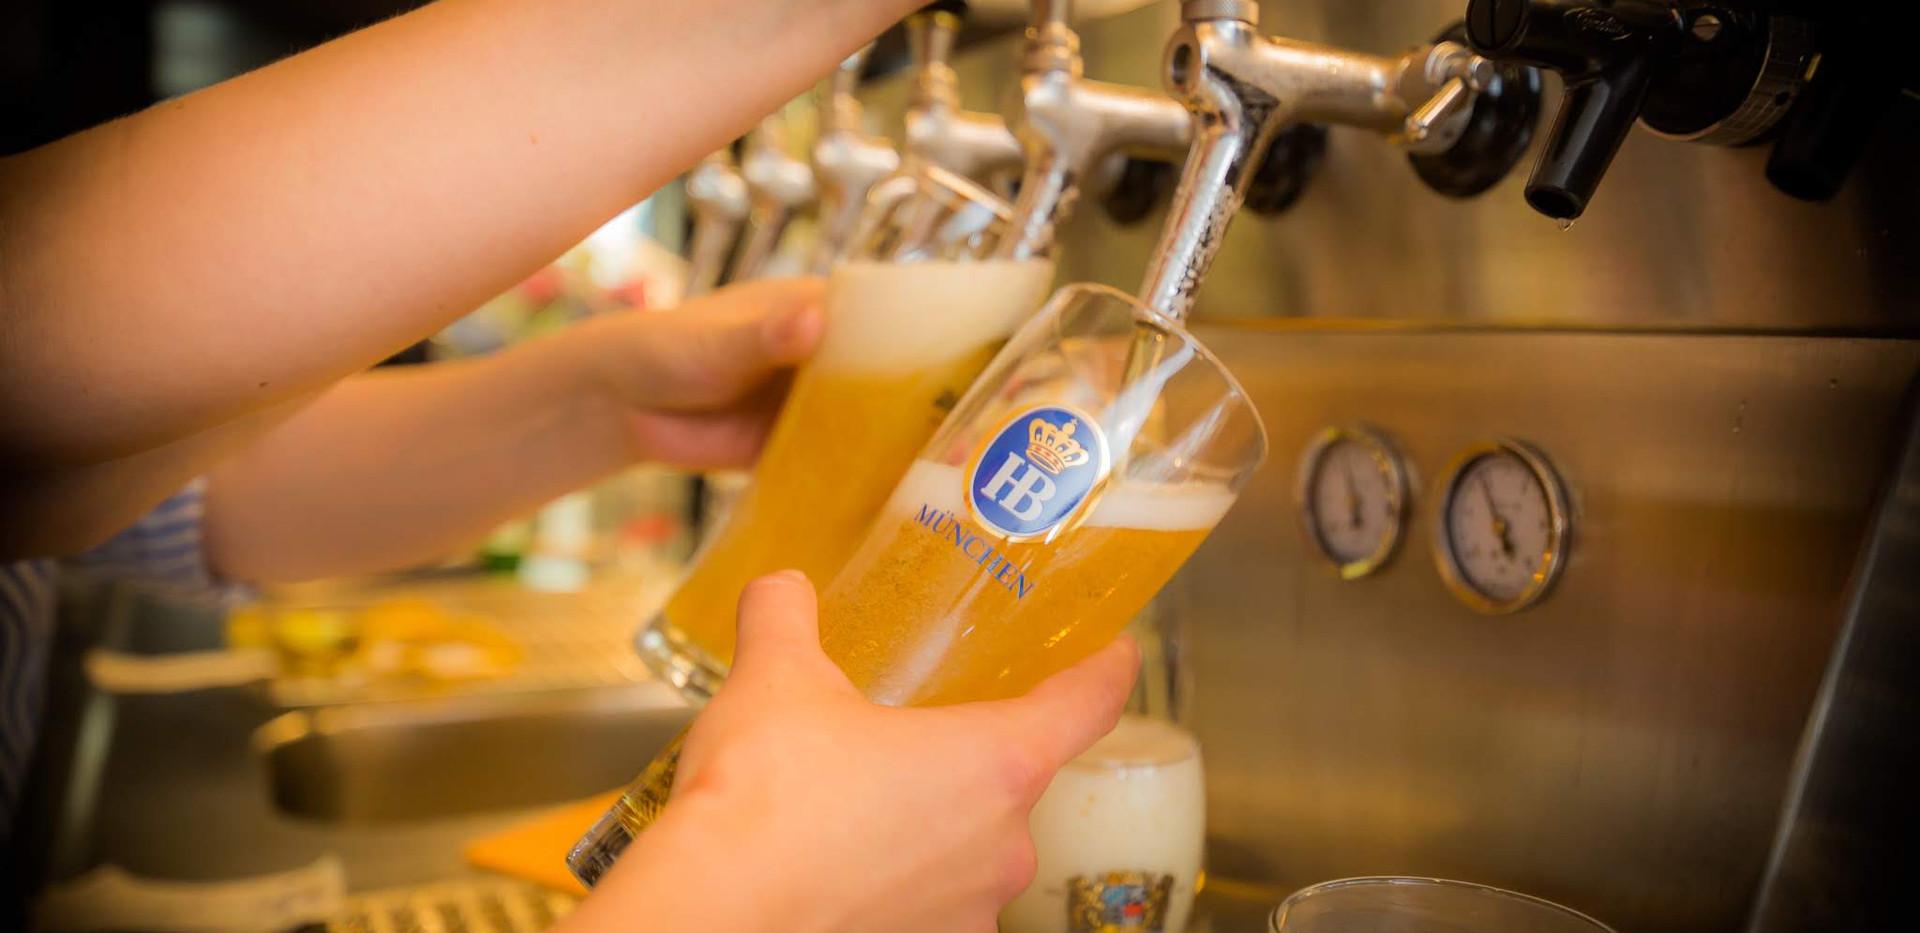 Frisch gezapftes Bier vom Fass